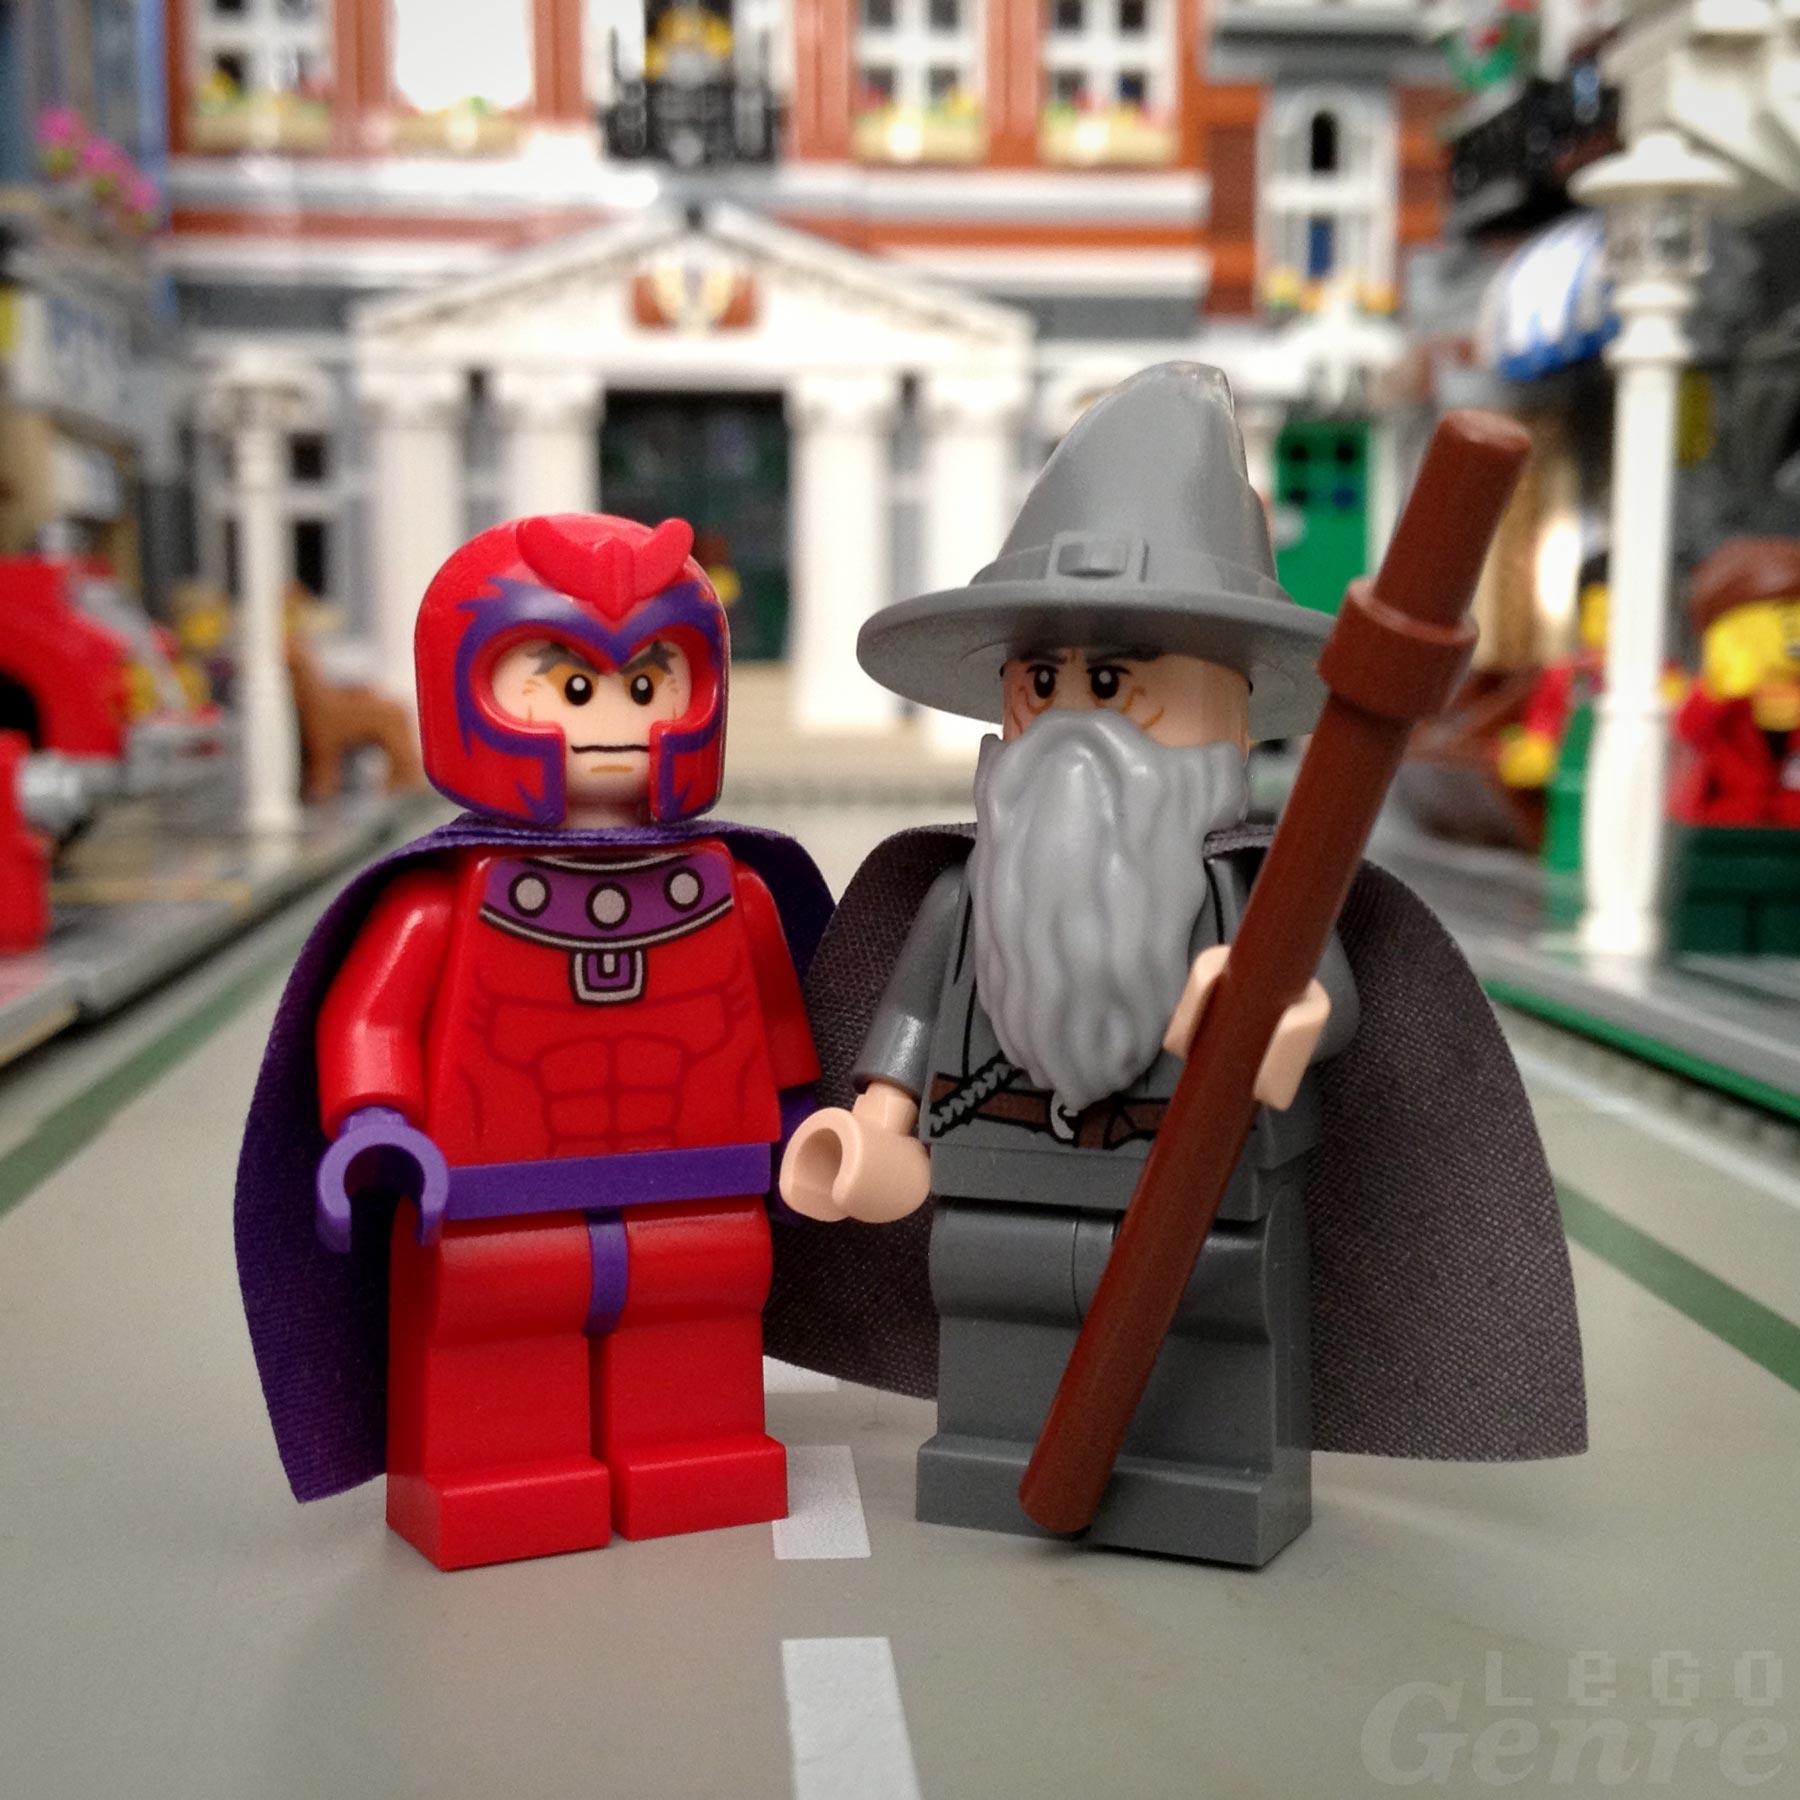 LegoGenre 00325: McKellens